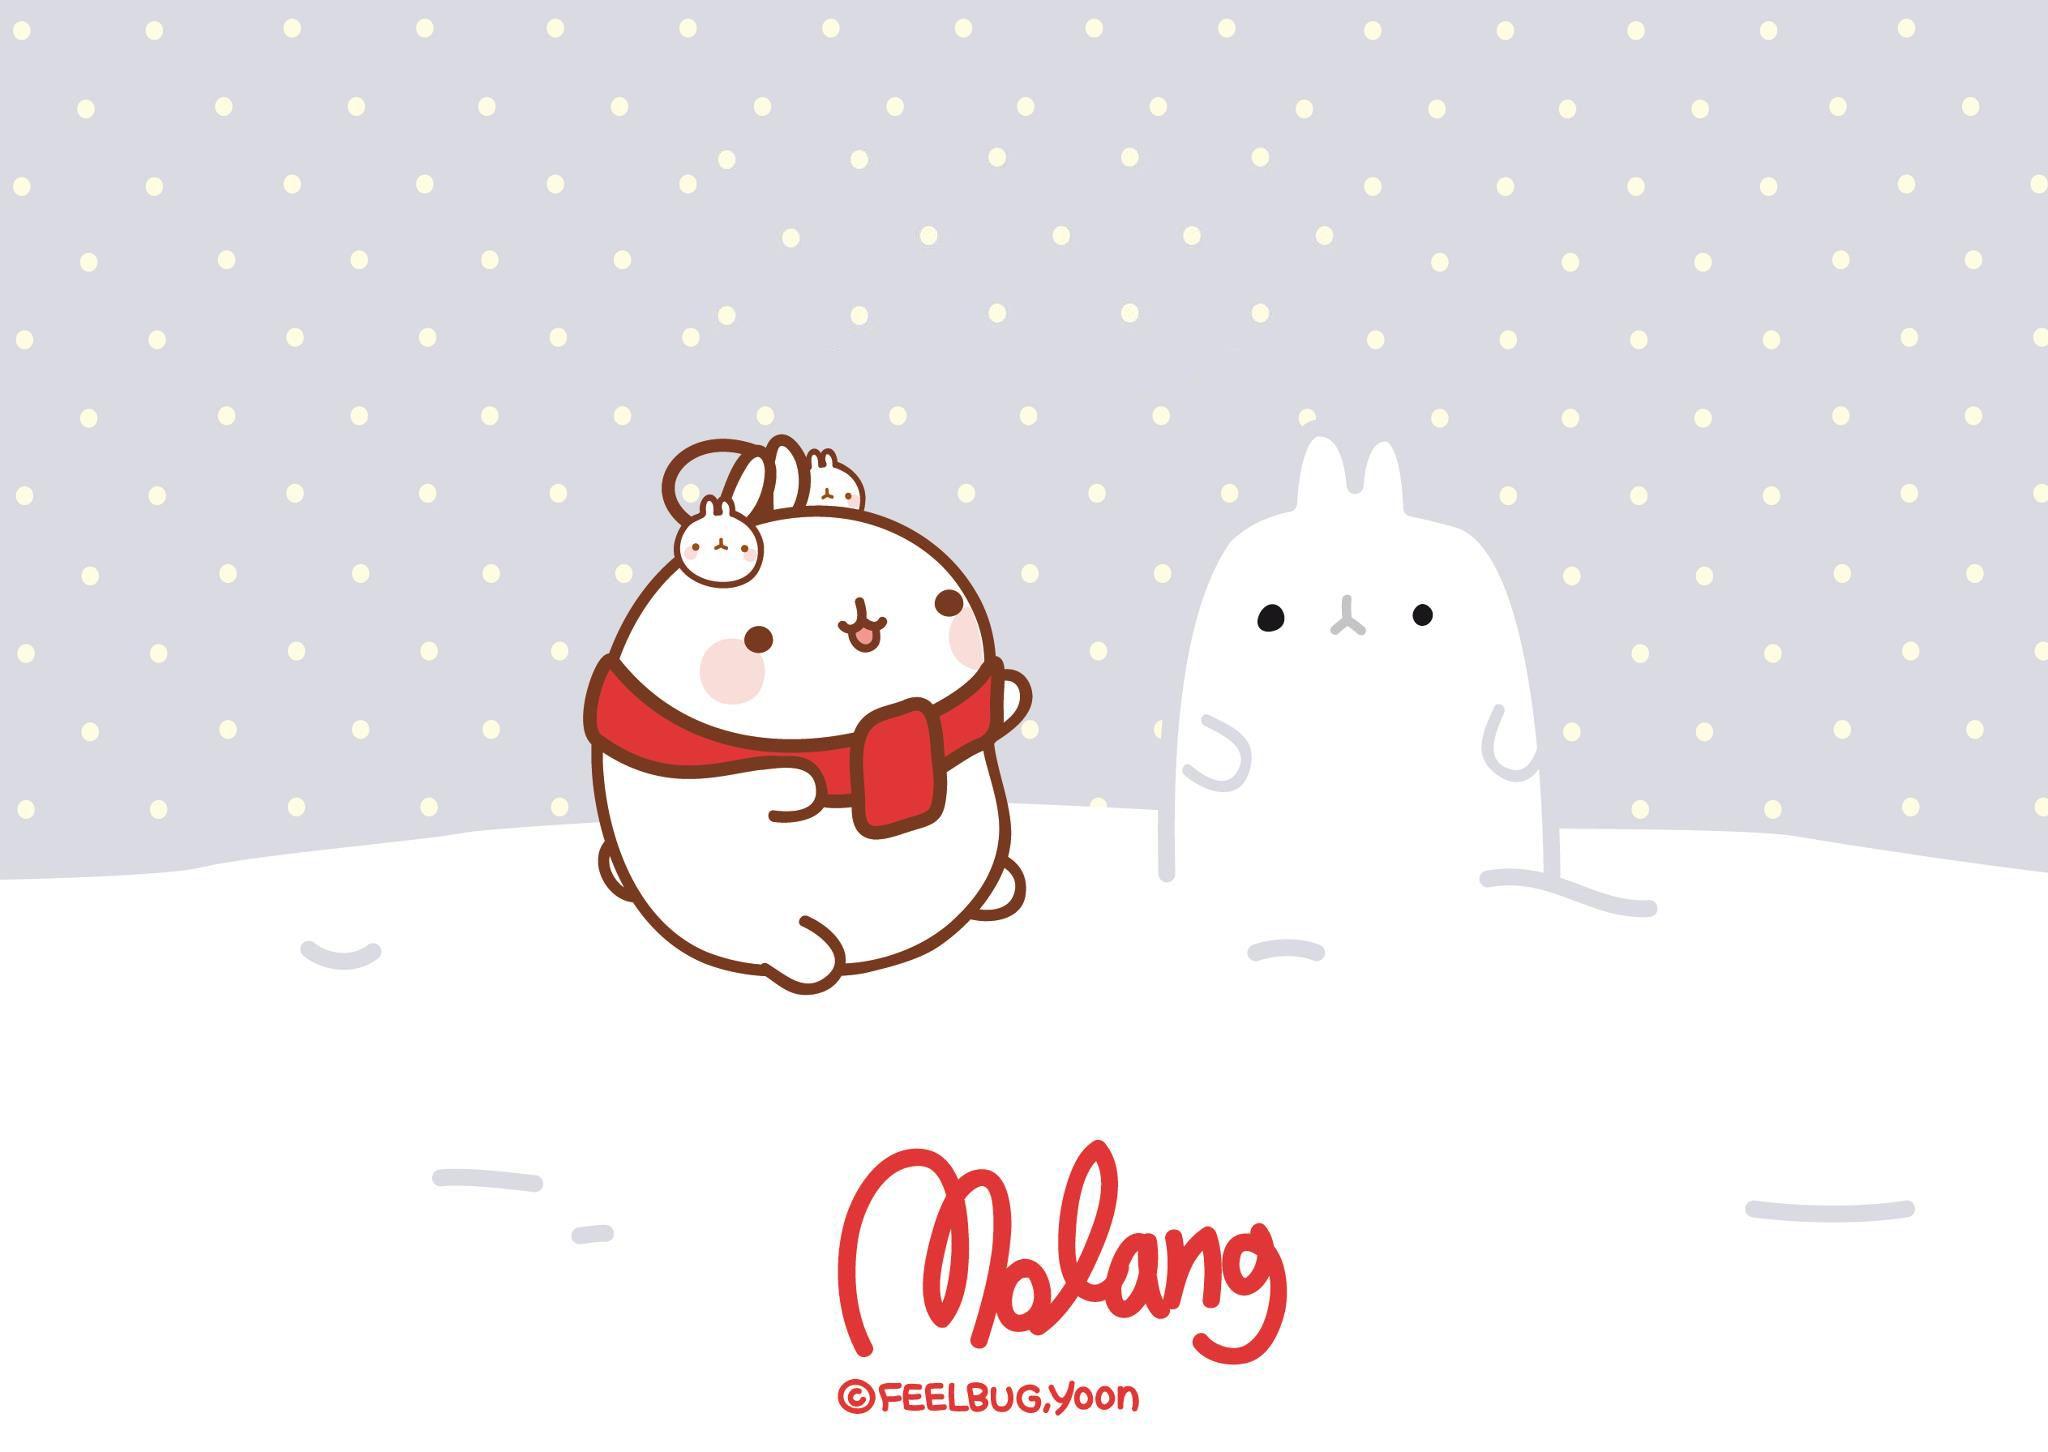 Wallpaper Navidad Molang By Leyfzalley On Deviantart Molang Wallpaper Molang Christmas Desktop Wallpaper